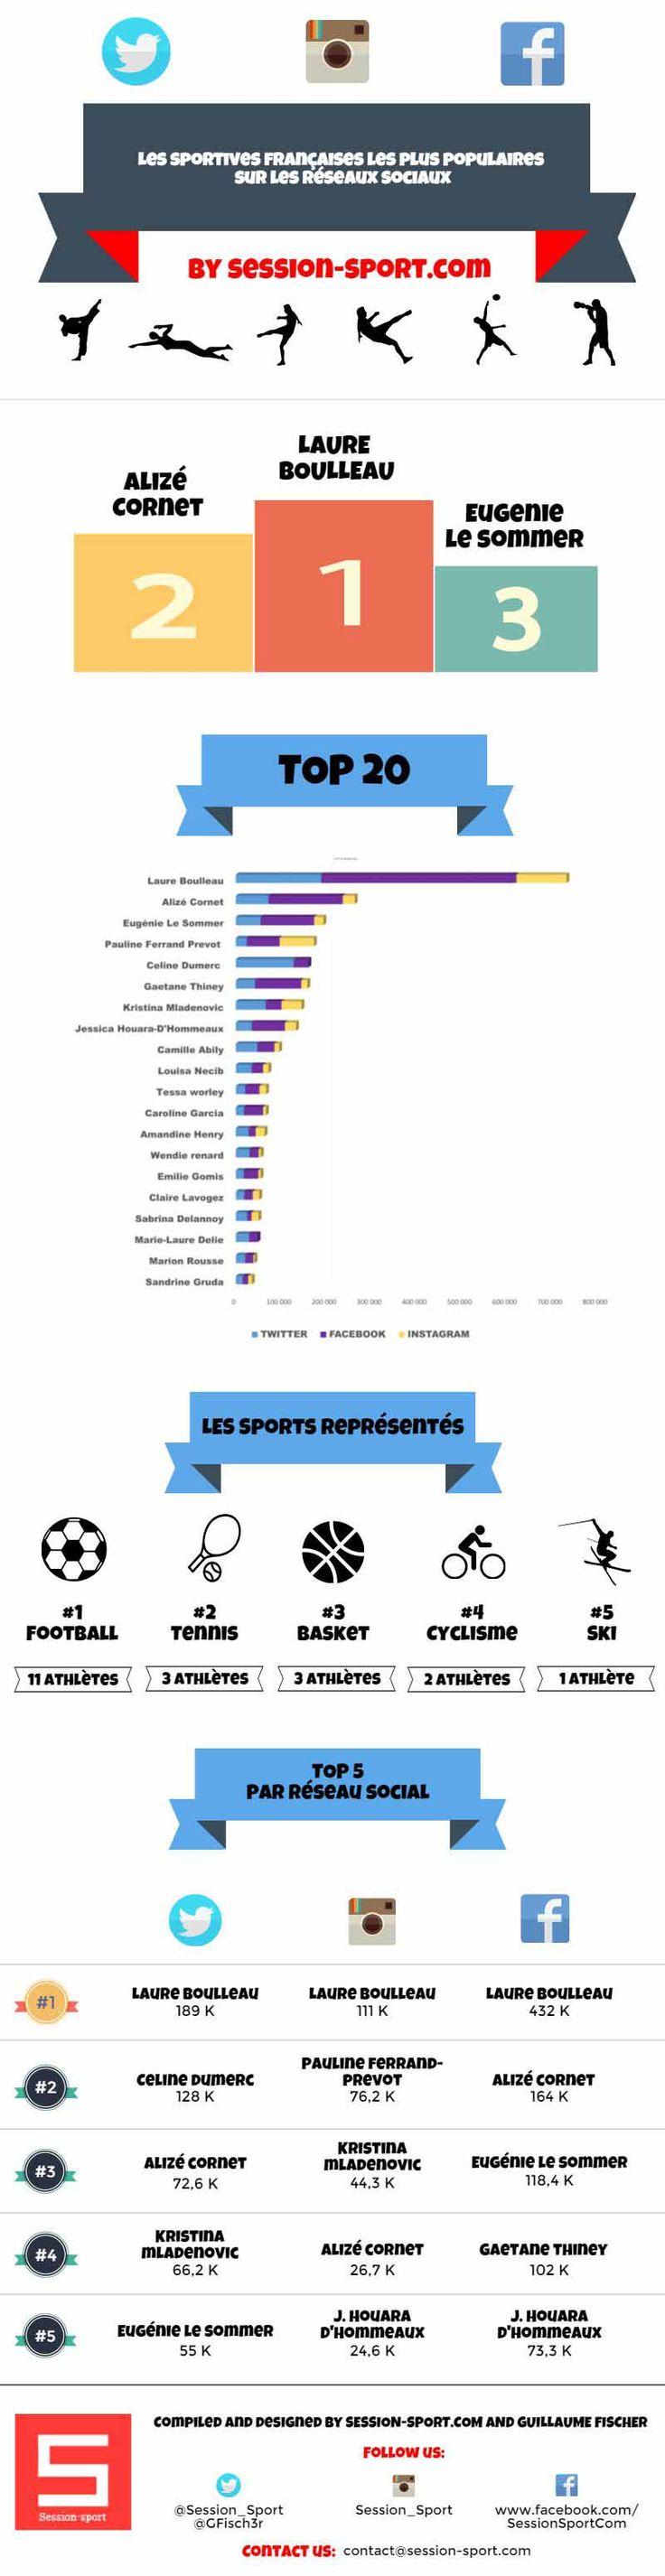 best ideas about basket tennis chaussures tennis infographie sur les 20 sportives les plus populaires sur les reacuteseaux sociaux digisport